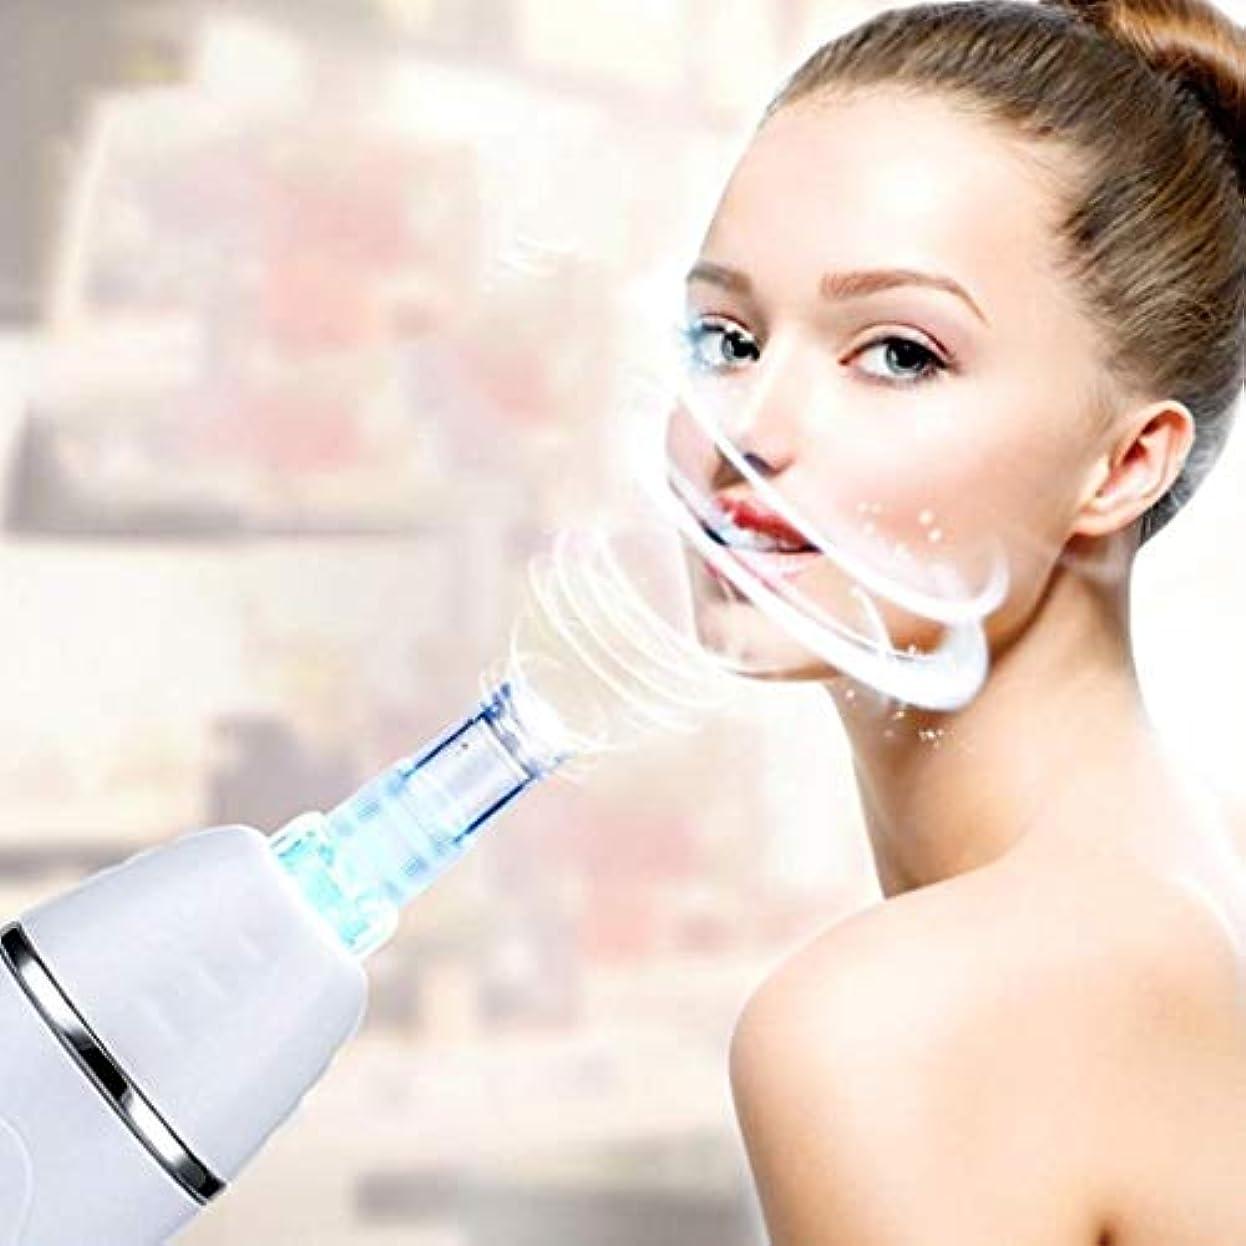 必需品鎮痛剤フットボール美容機器、顔にきび毛穴クリーナー、にきびの除去、しわ、メラニンの沈殿を減らす